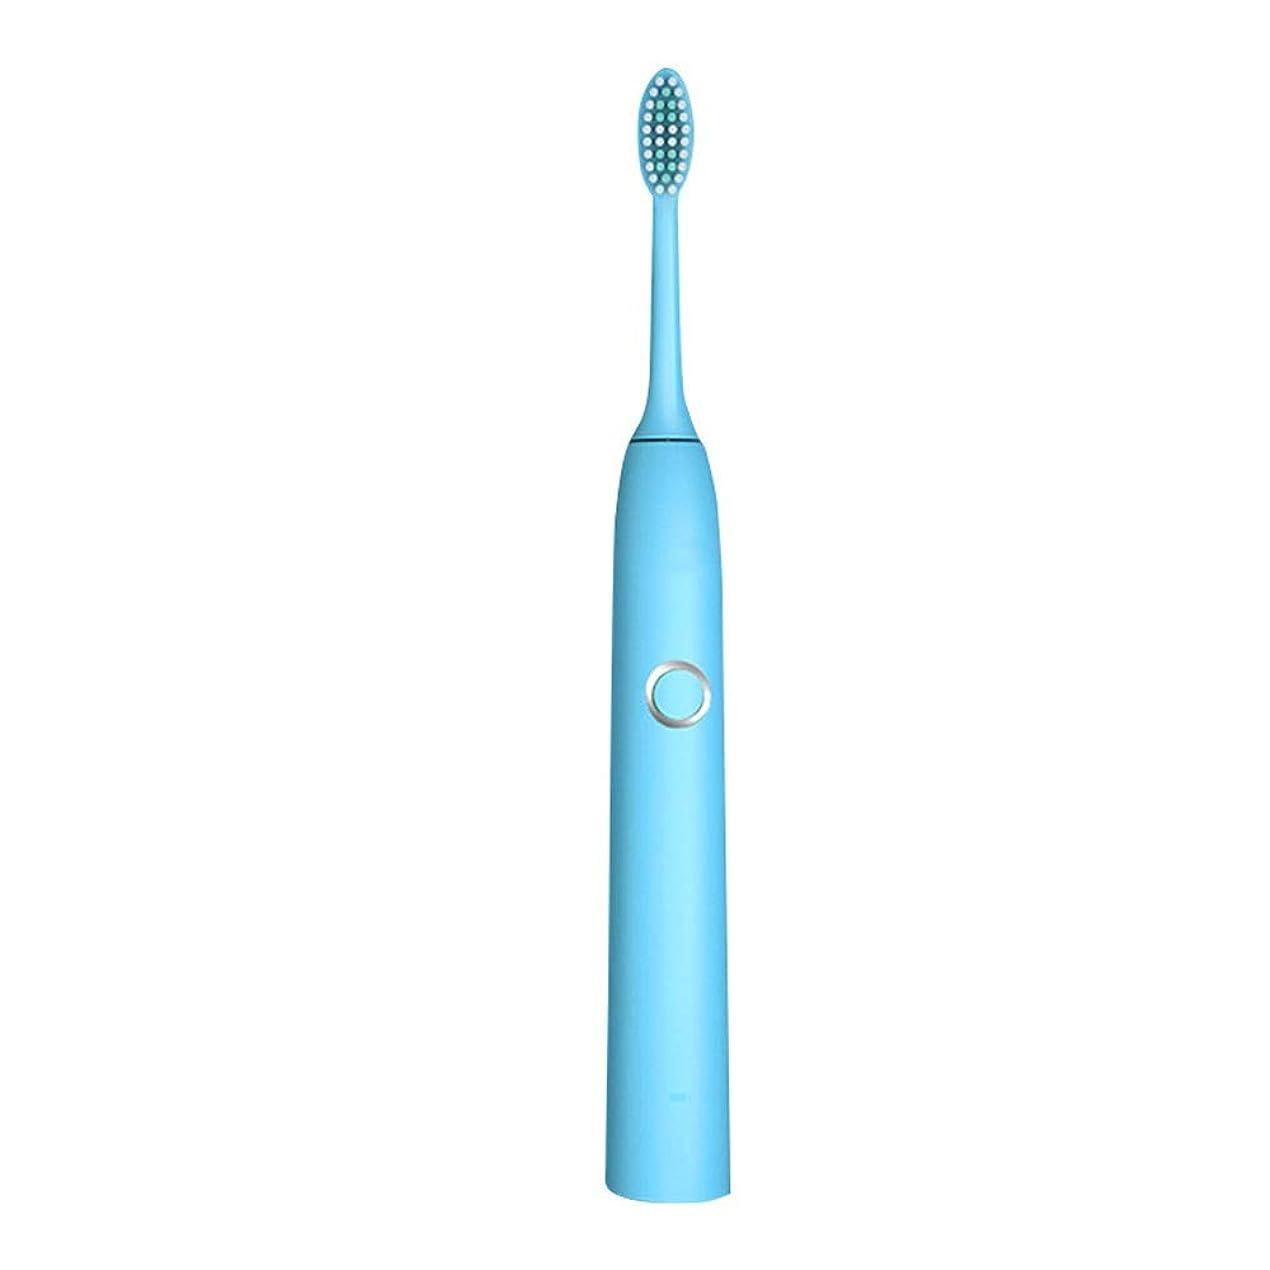 赤モディッシュ狭い電動歯ブラシ大人保護クリーンUSB充電式歯ブラシホワイトニング歯医者推奨 (色 : 青, サイズ : Free size)